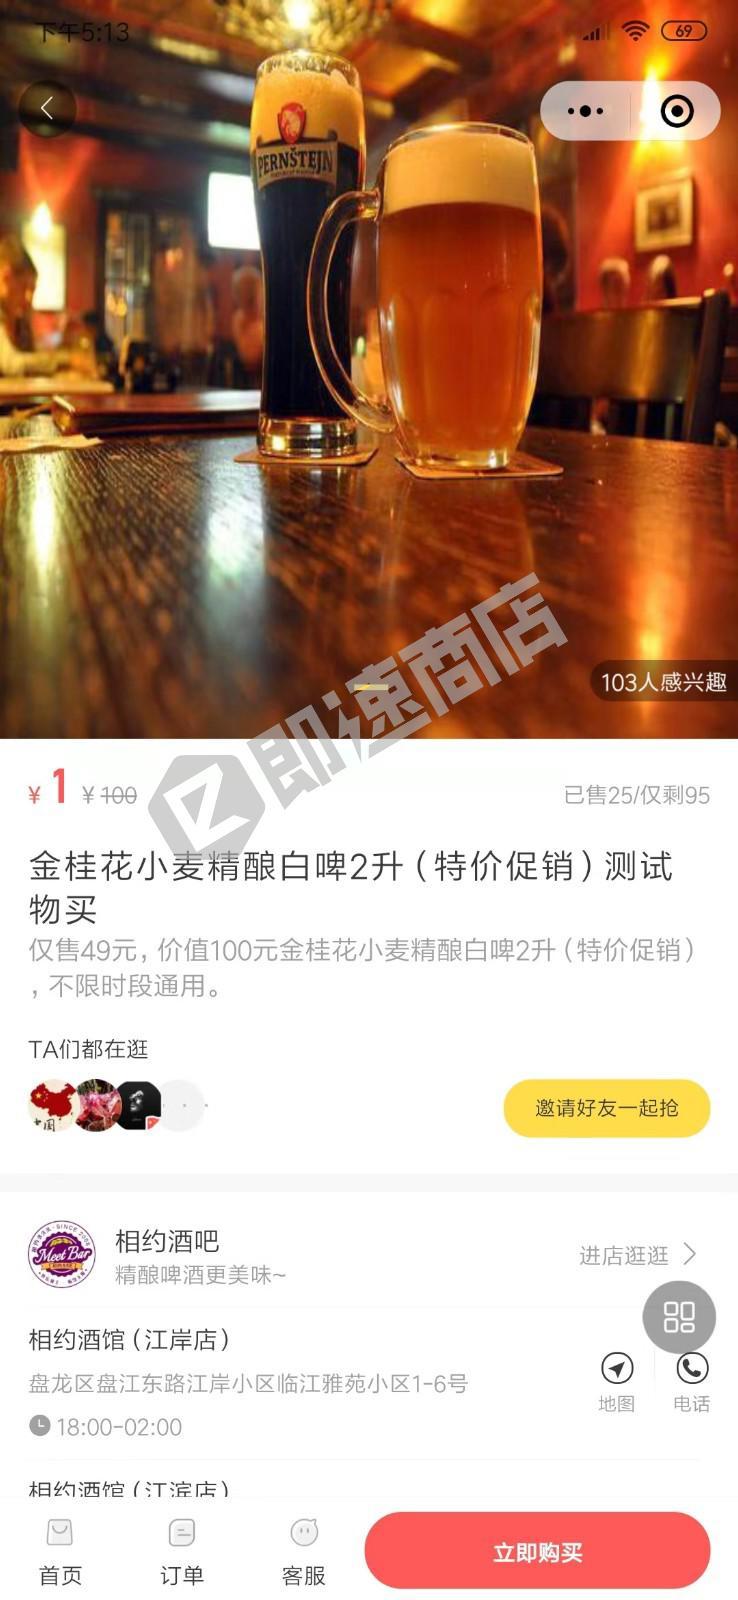 相约酒吧服务平台小程序详情页截图